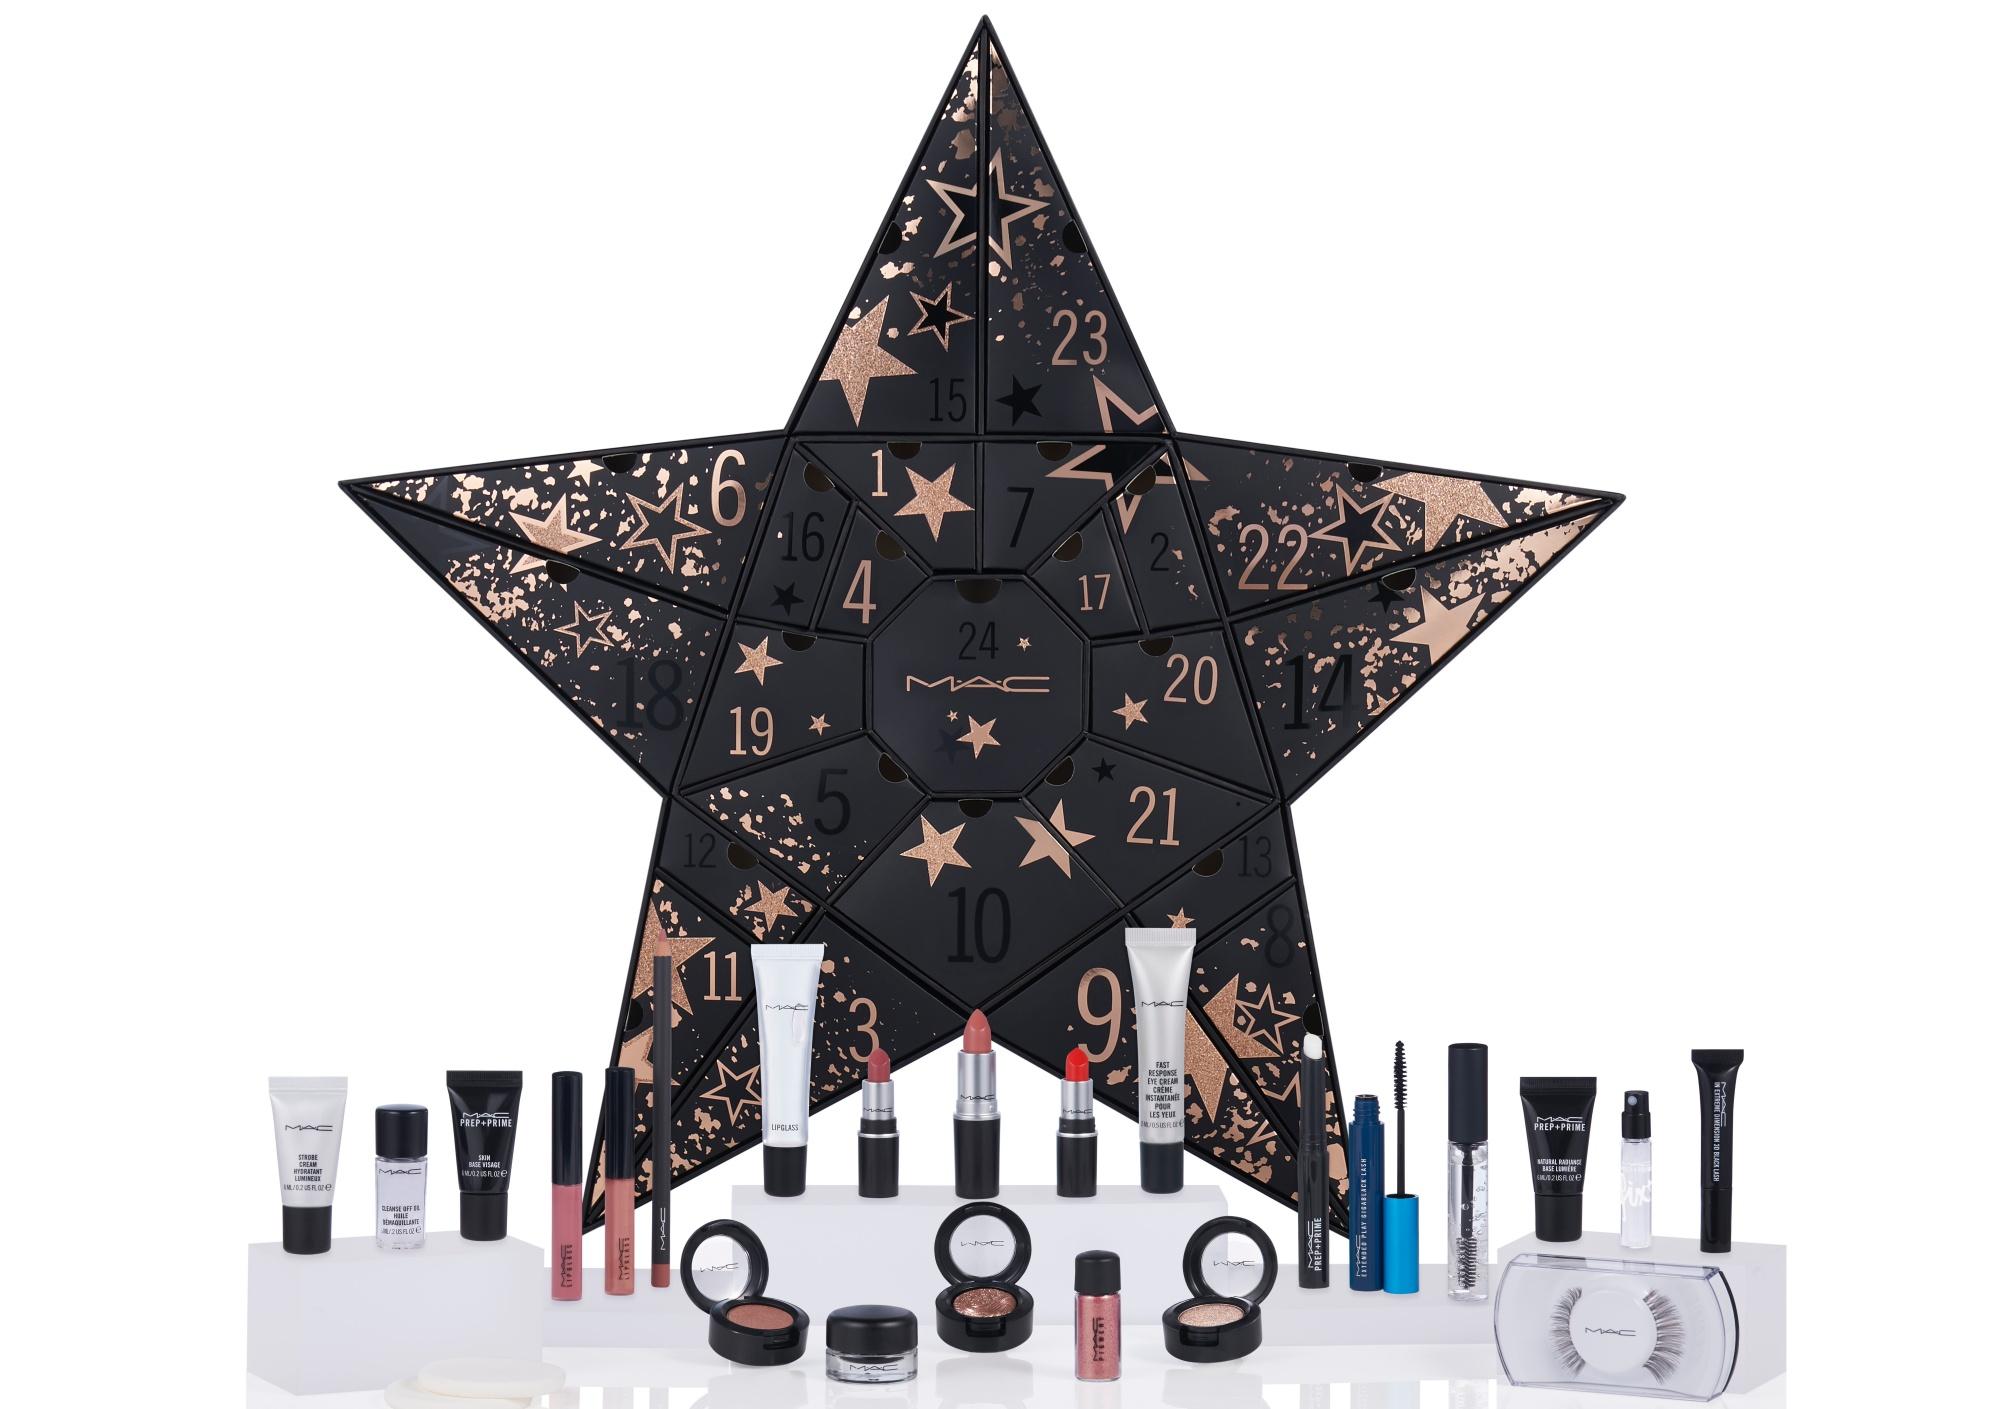 MAC Cosmetics Beauty Advent Calendar 2019 , Contents Revelaed